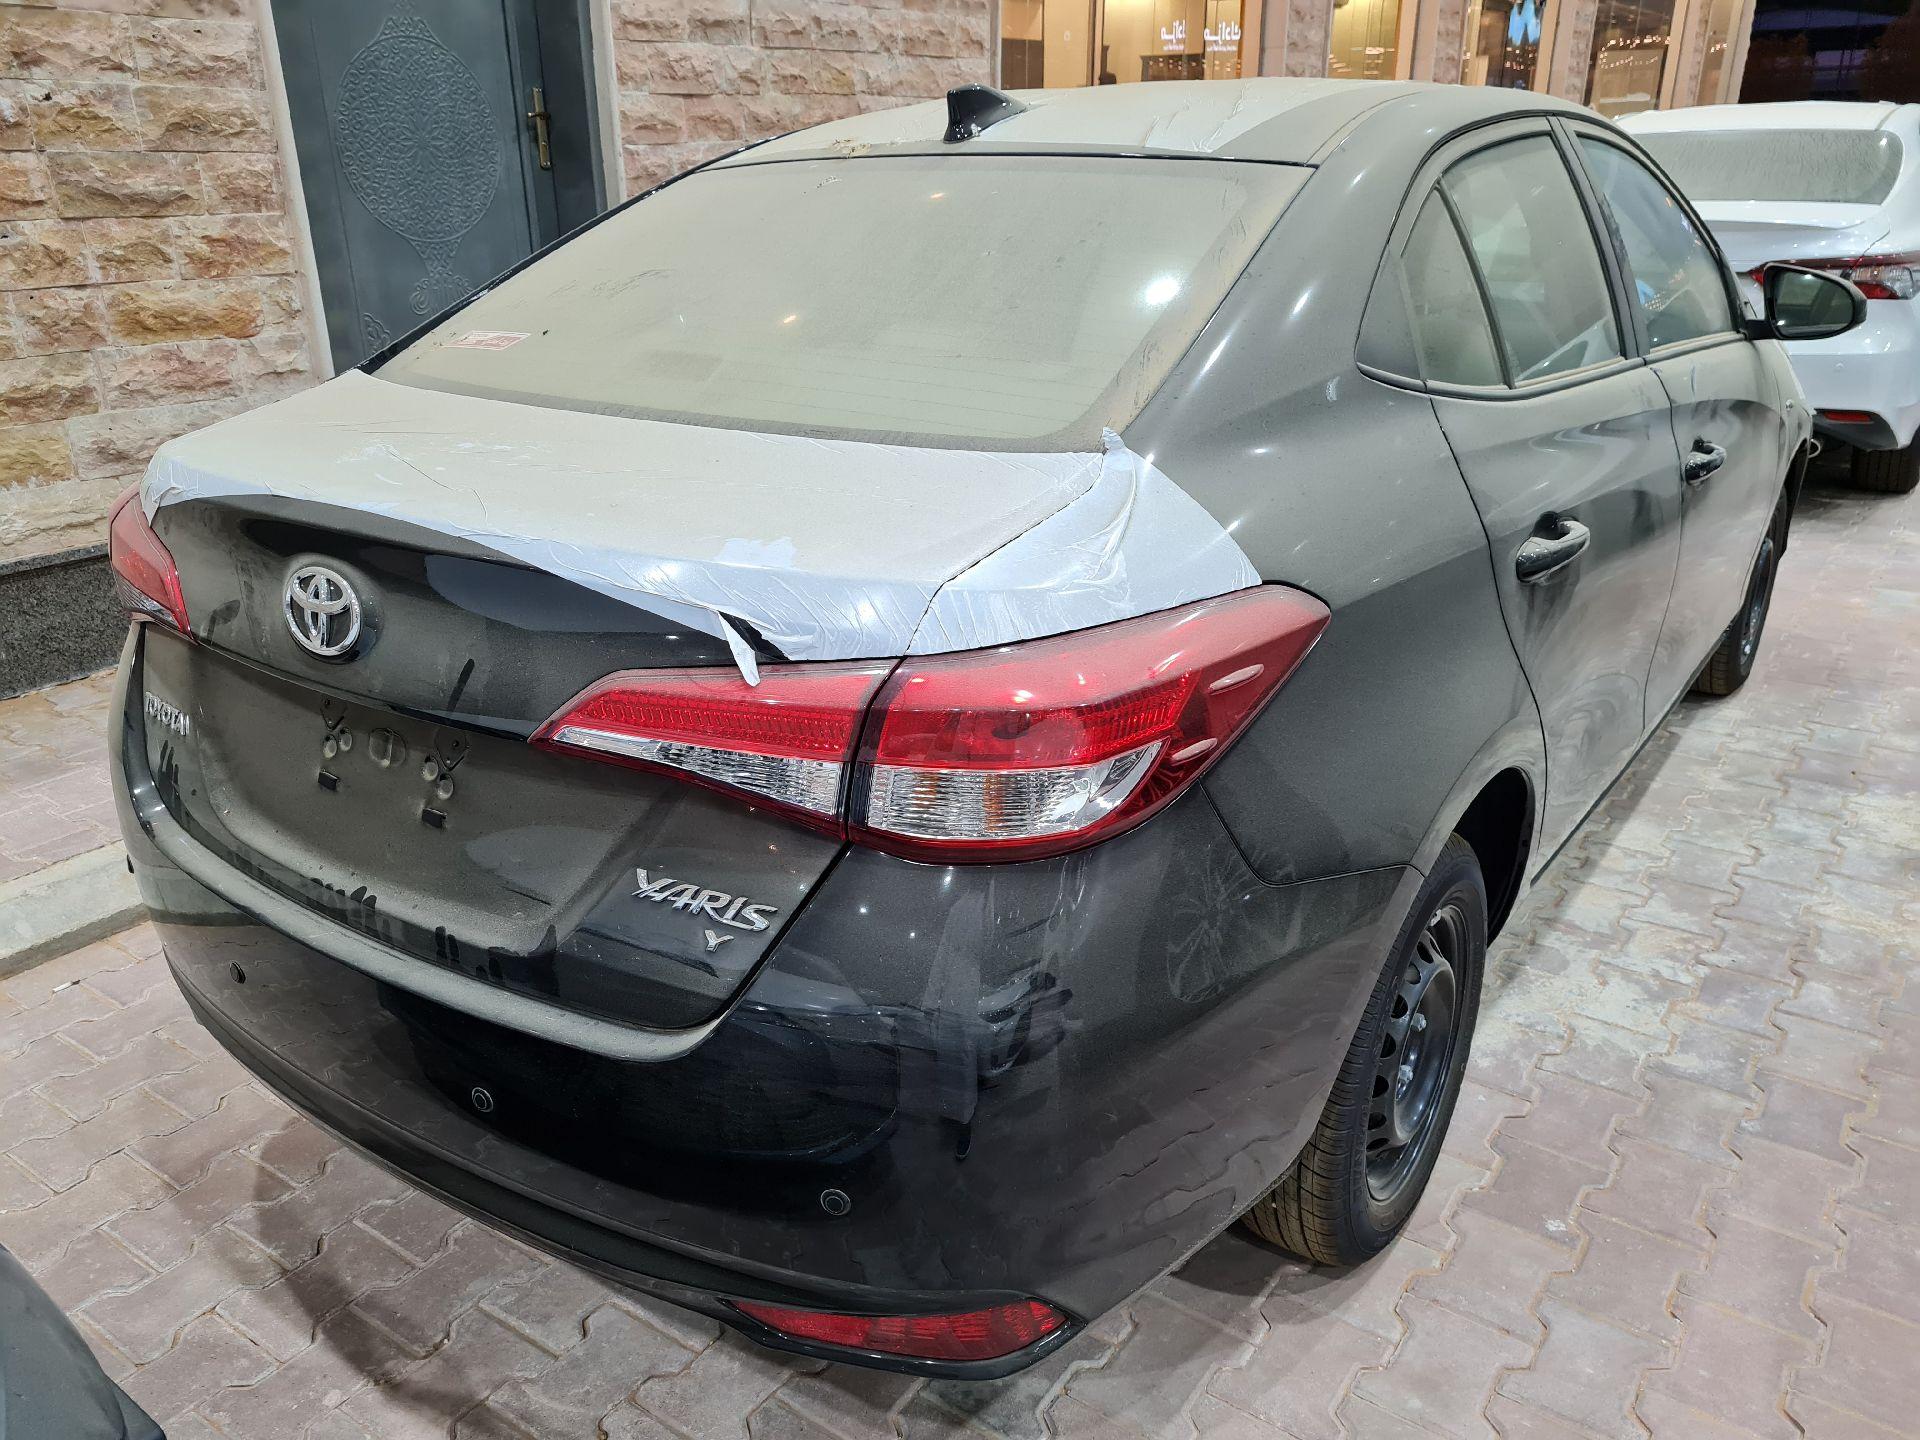 مباع - تويوتا يارس Y FLT 2021 ستاندر سعودي للبيع في الرياض - السعودية - صورة كبيرة - 3